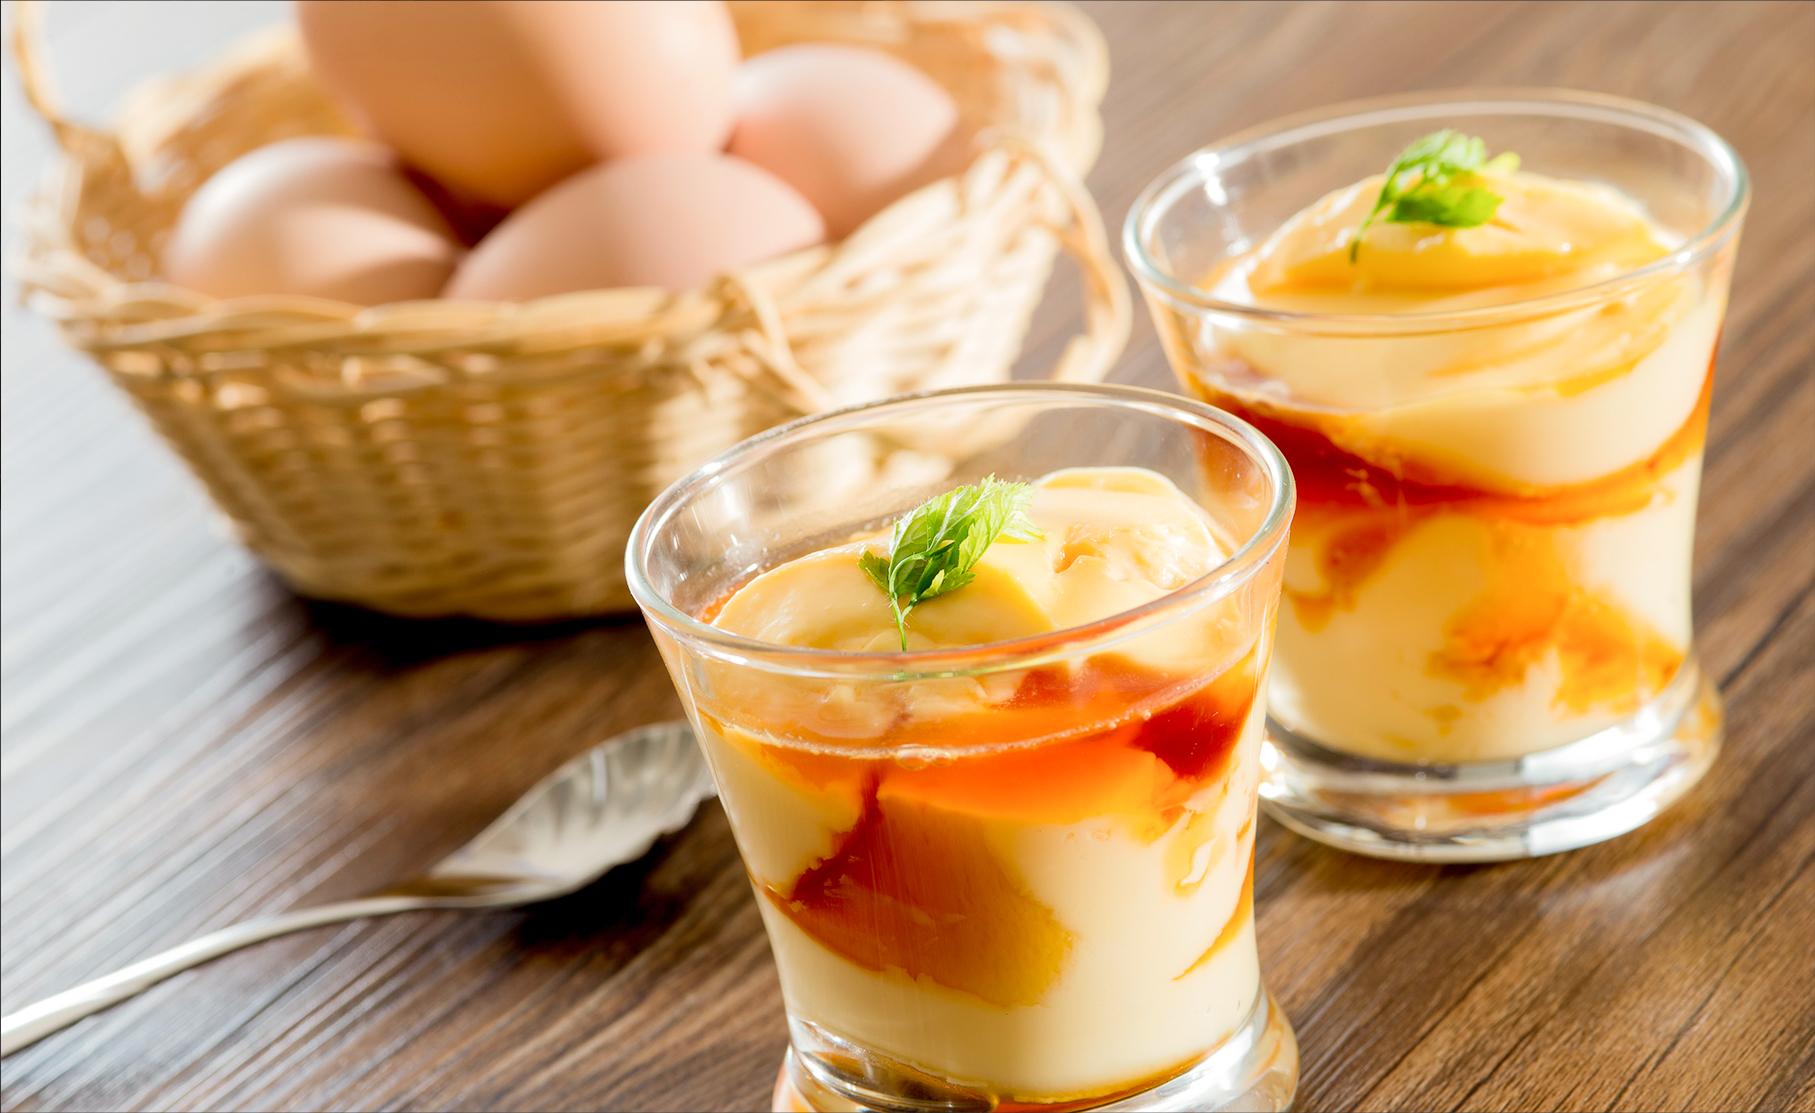 名古屋コーチン卵を使った自家製プリン 食べておきたい名古屋ならではの郷土・名物料理4品